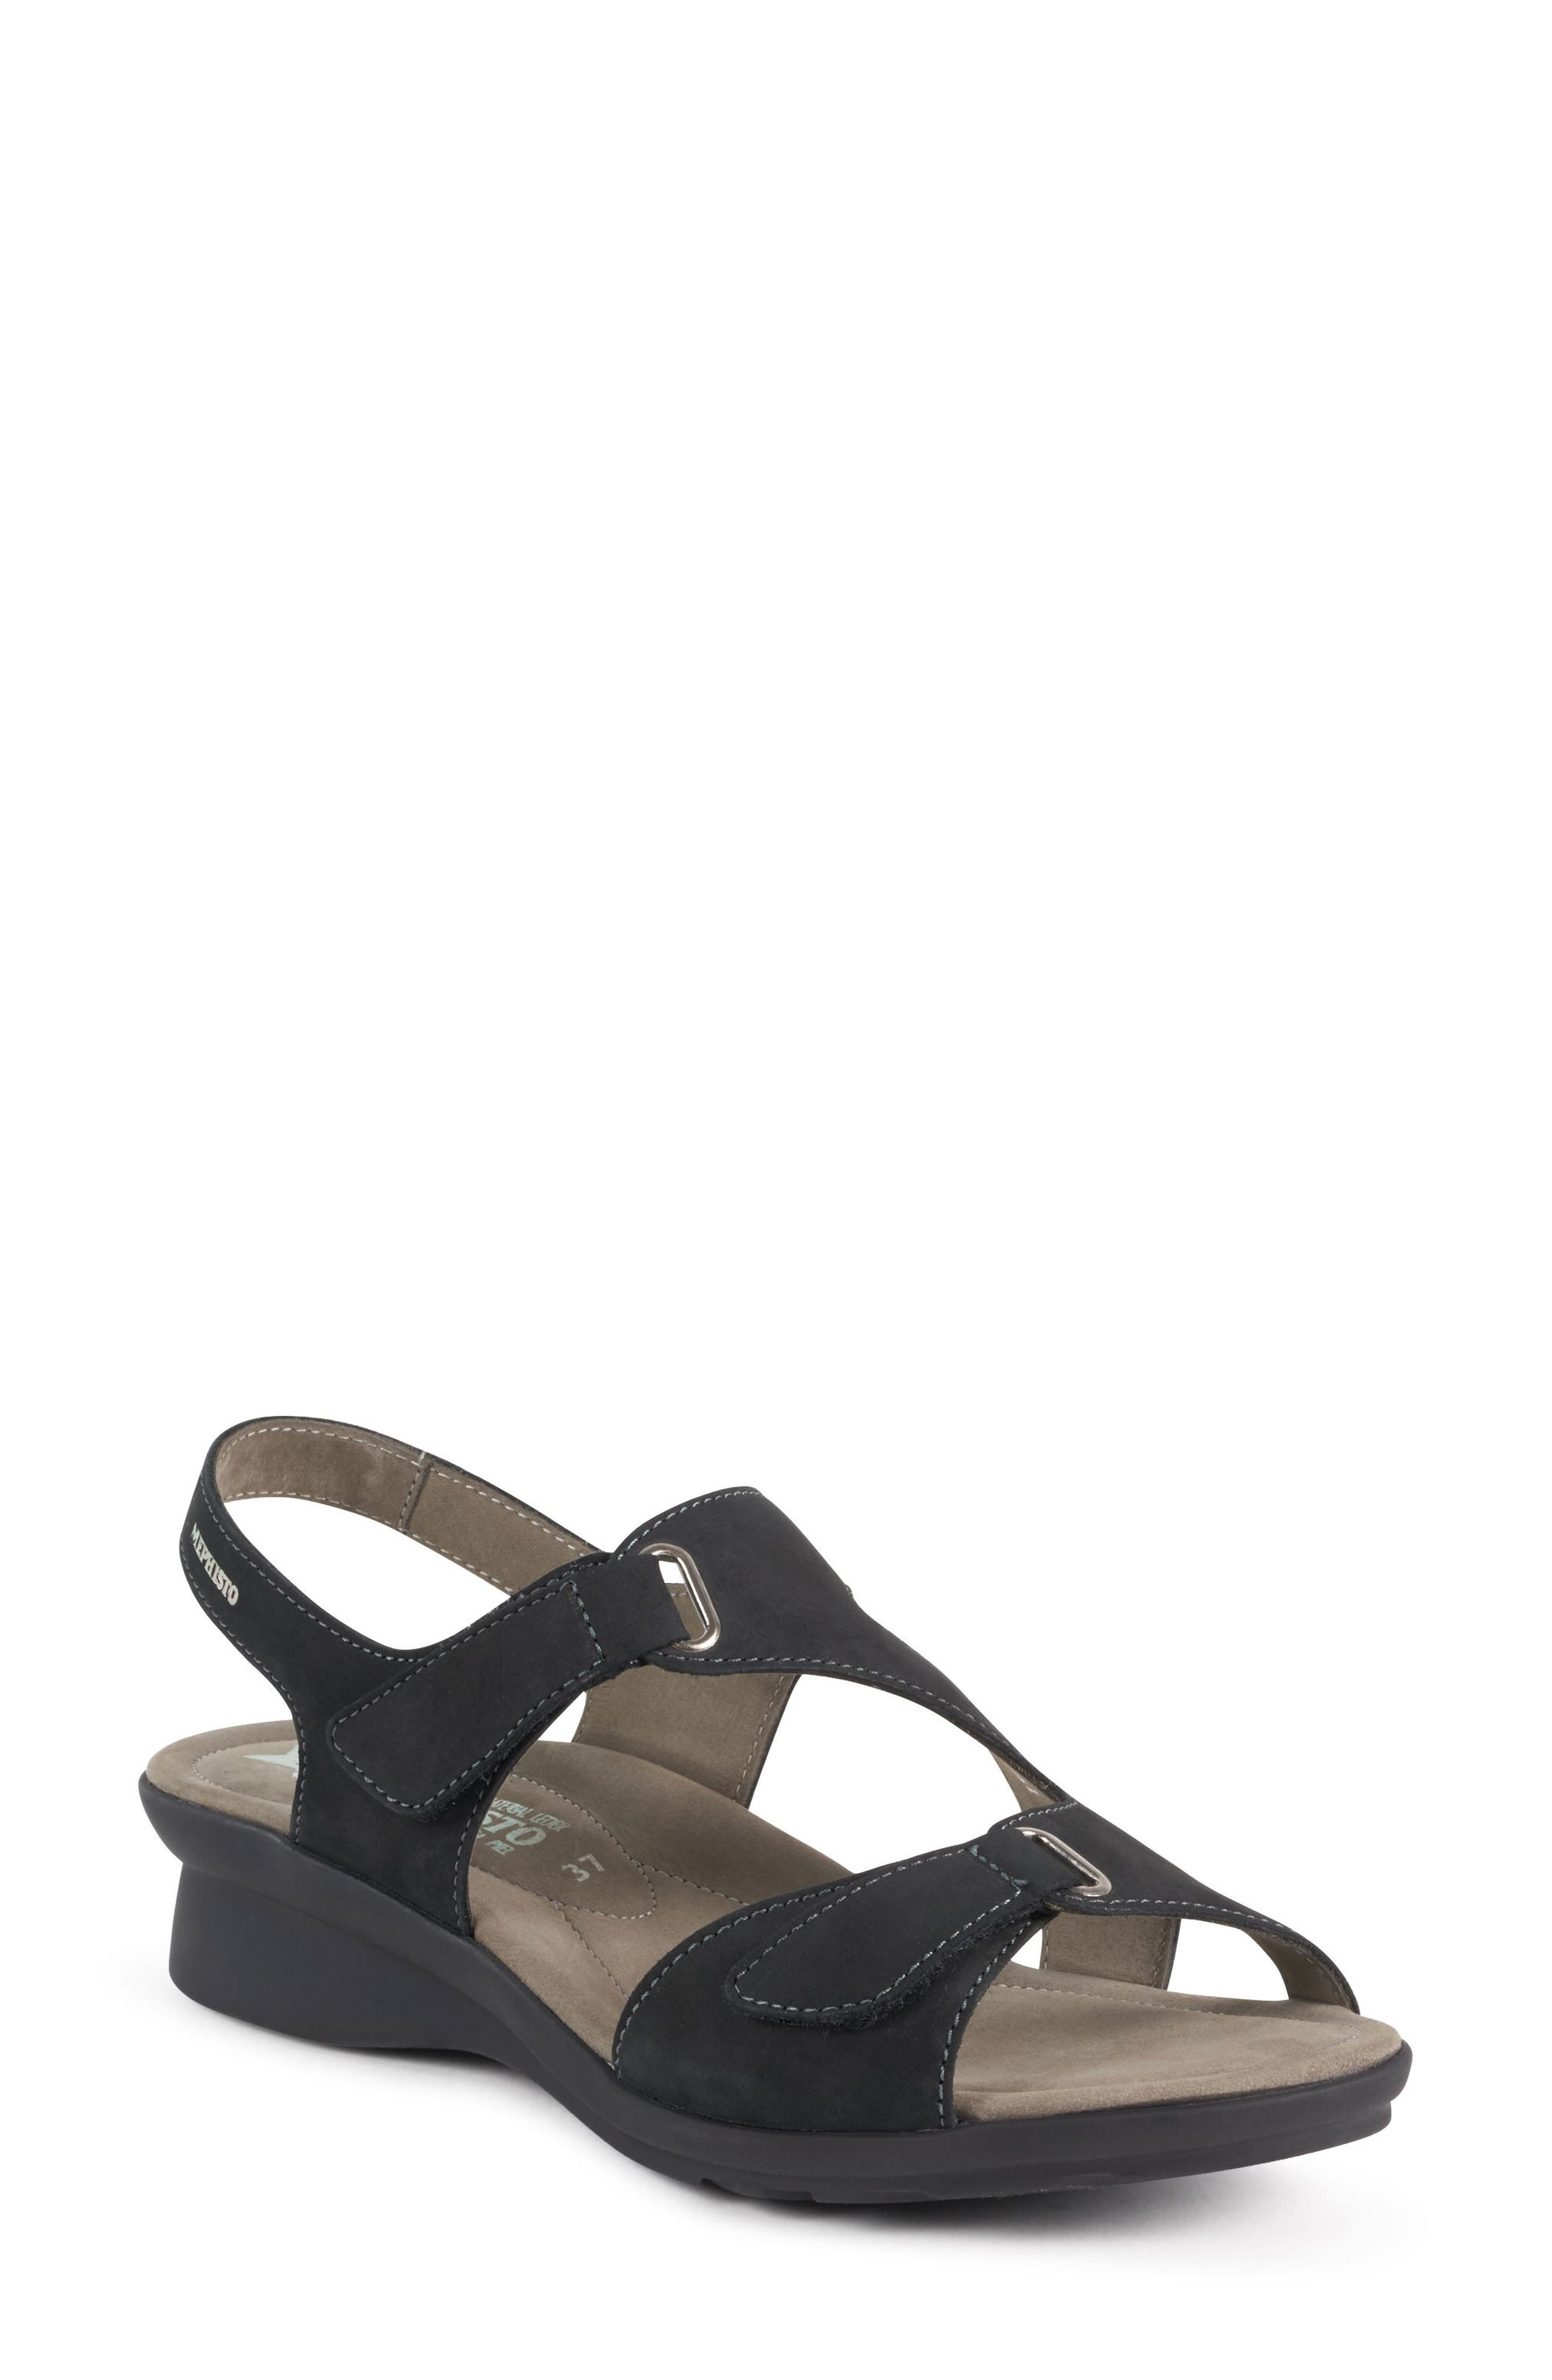 MEPHISTO, 'Paris' Slingback Sandal, Alternate thumbnail 2, color, BLACK